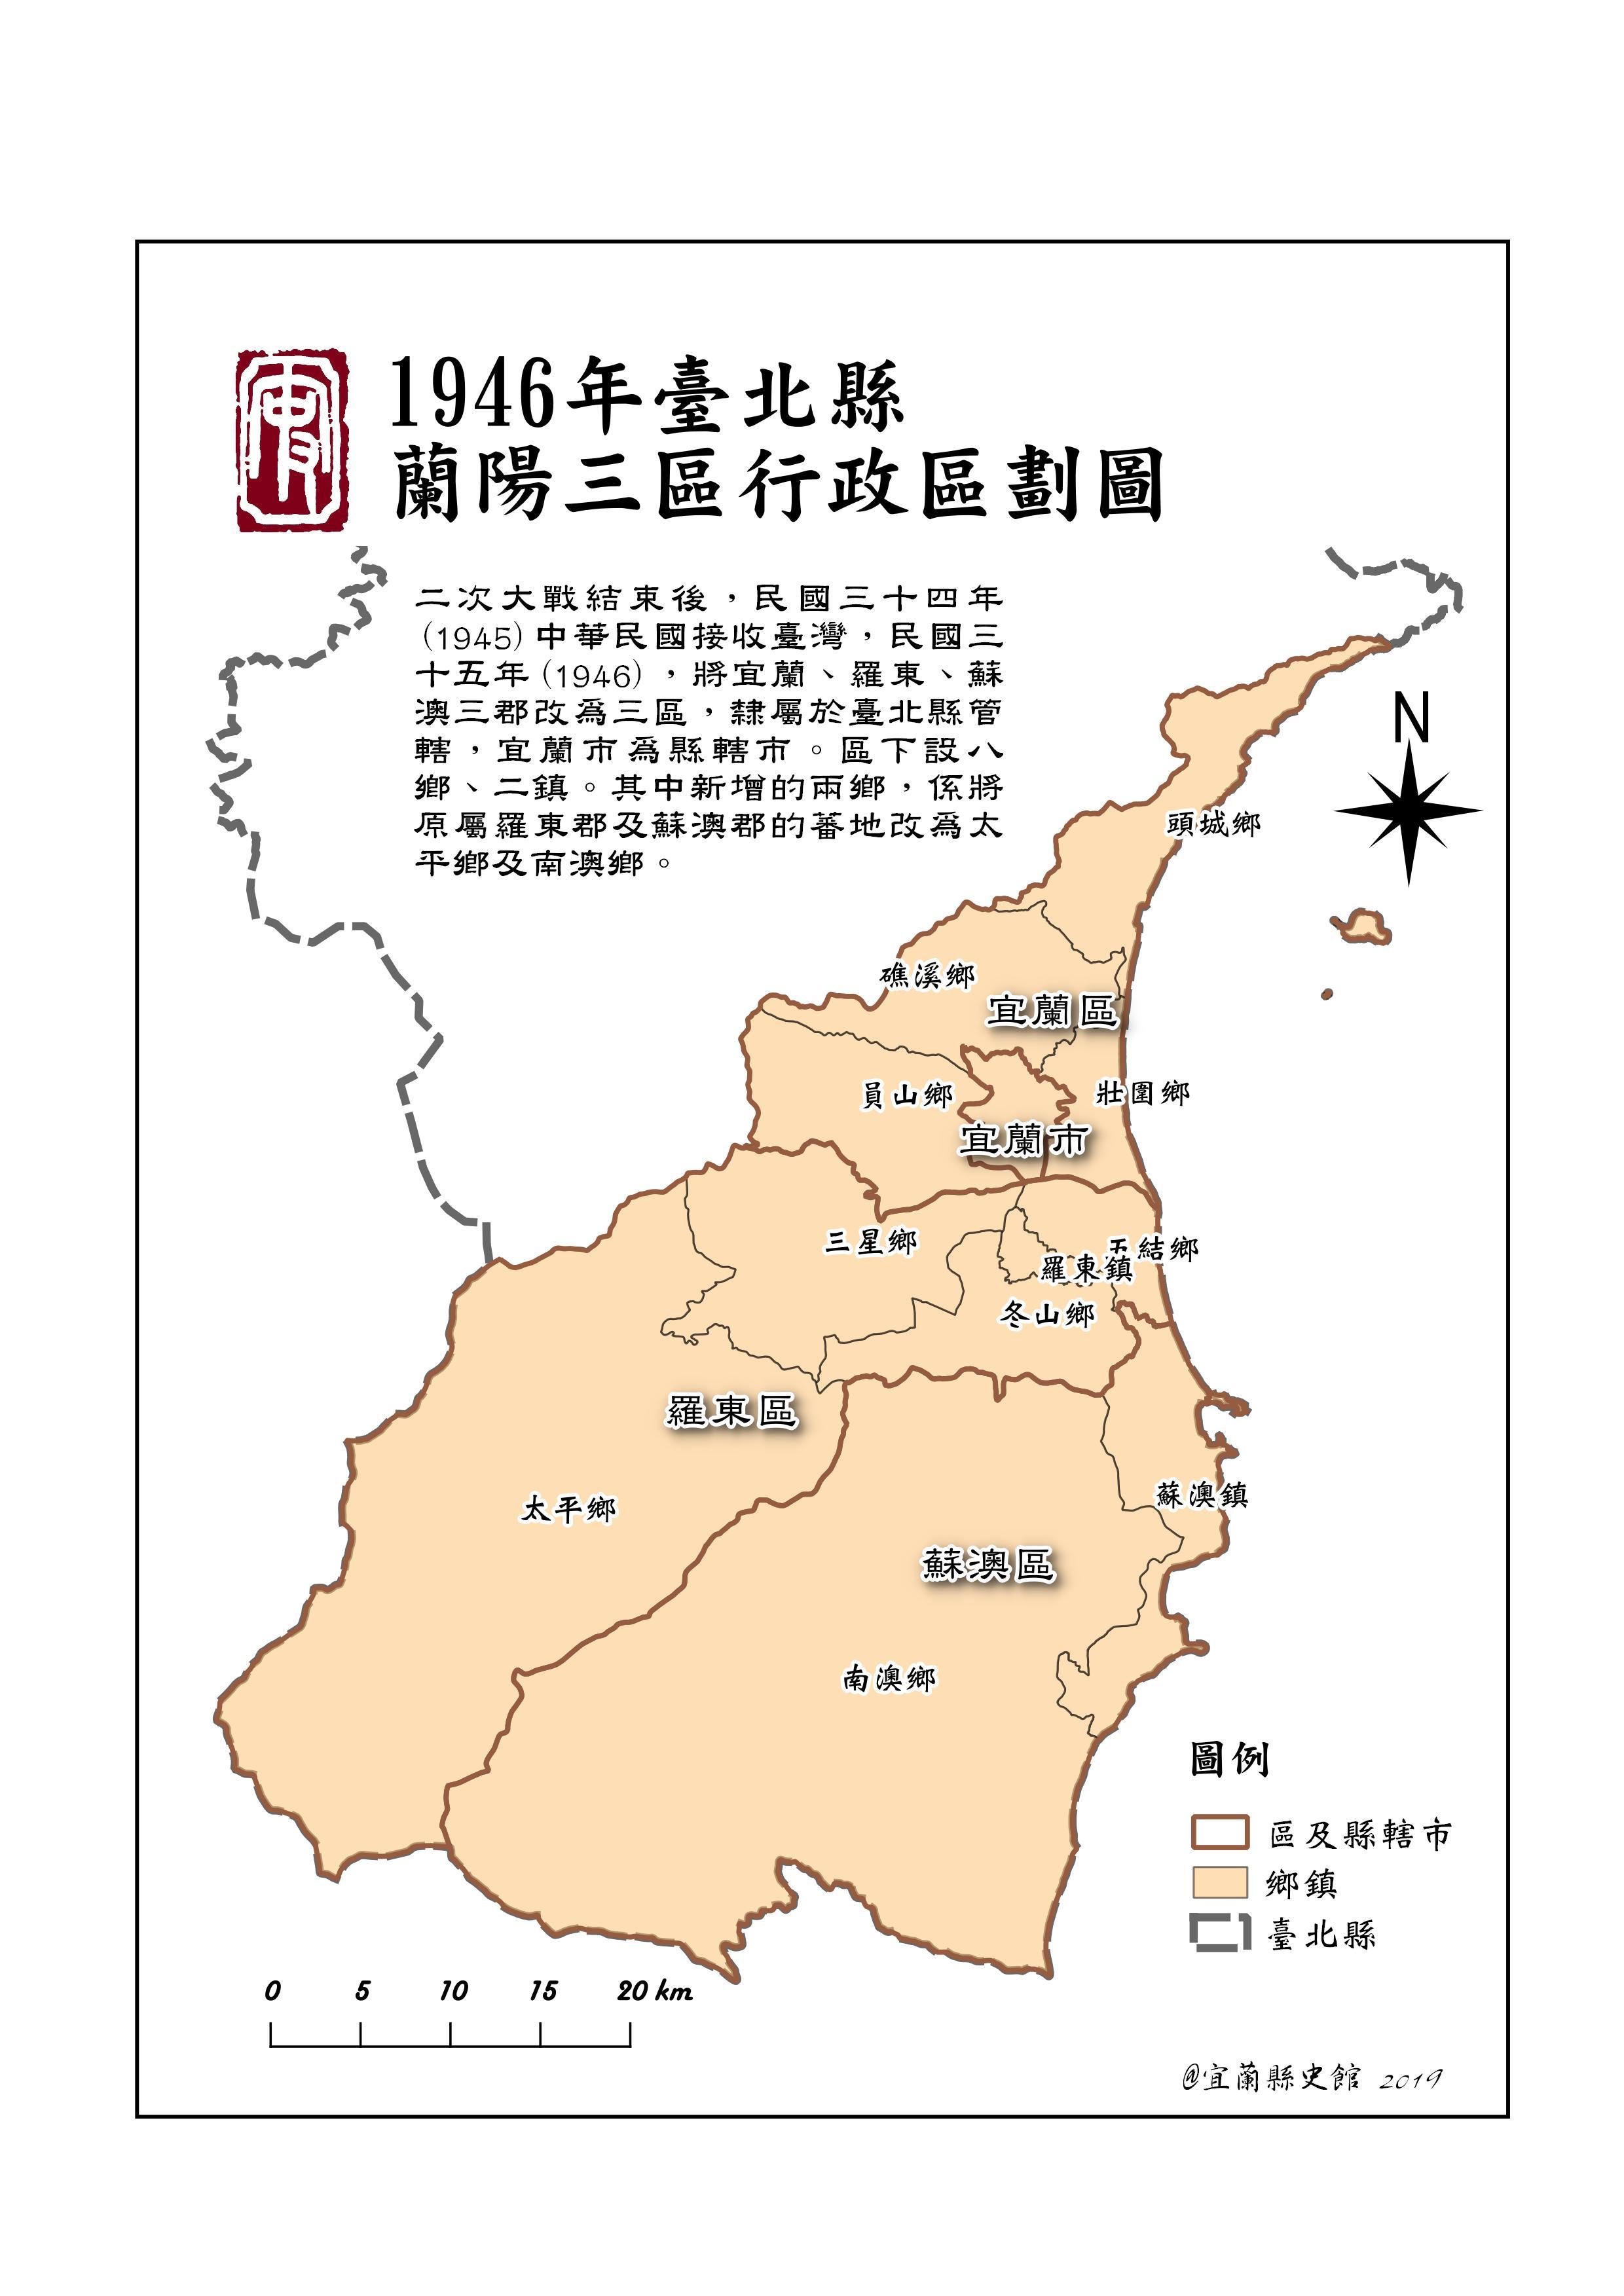 1946臺北縣蘭陽三區行政區劃圖